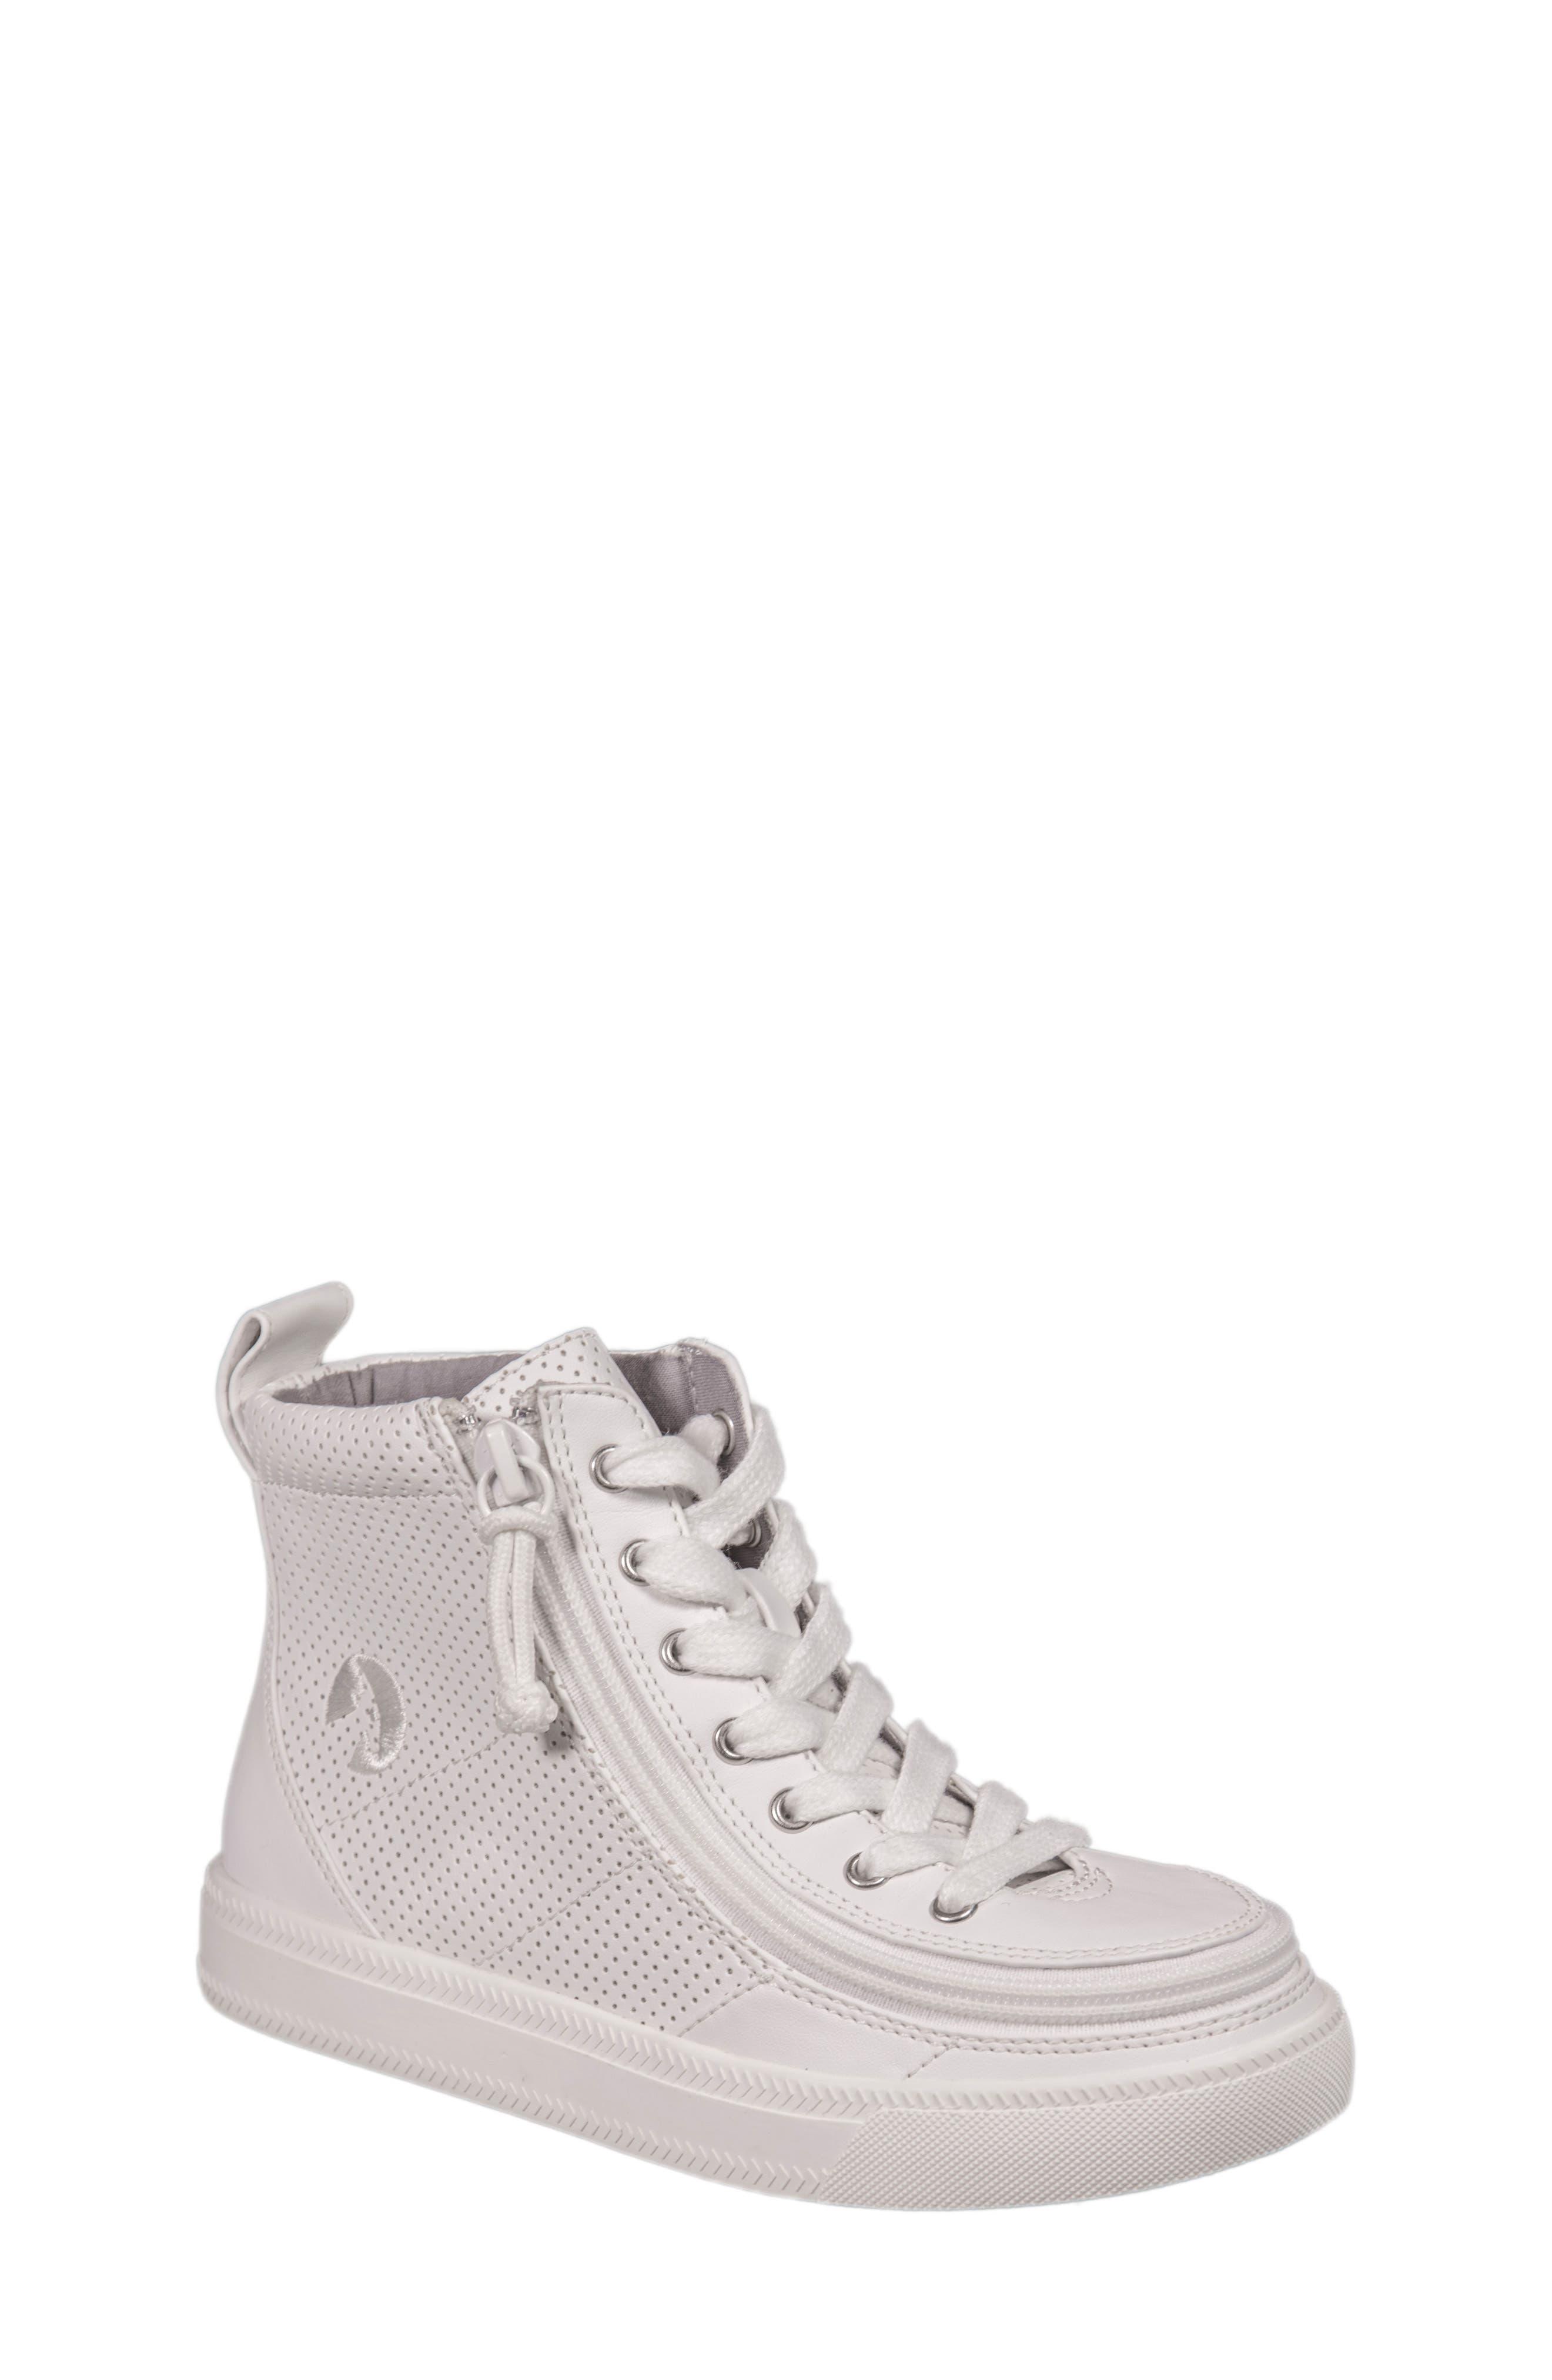 BILLY Footwear Zip Around Perforated High Top Sneaker (Toddler, Little Kid & Big Kid)